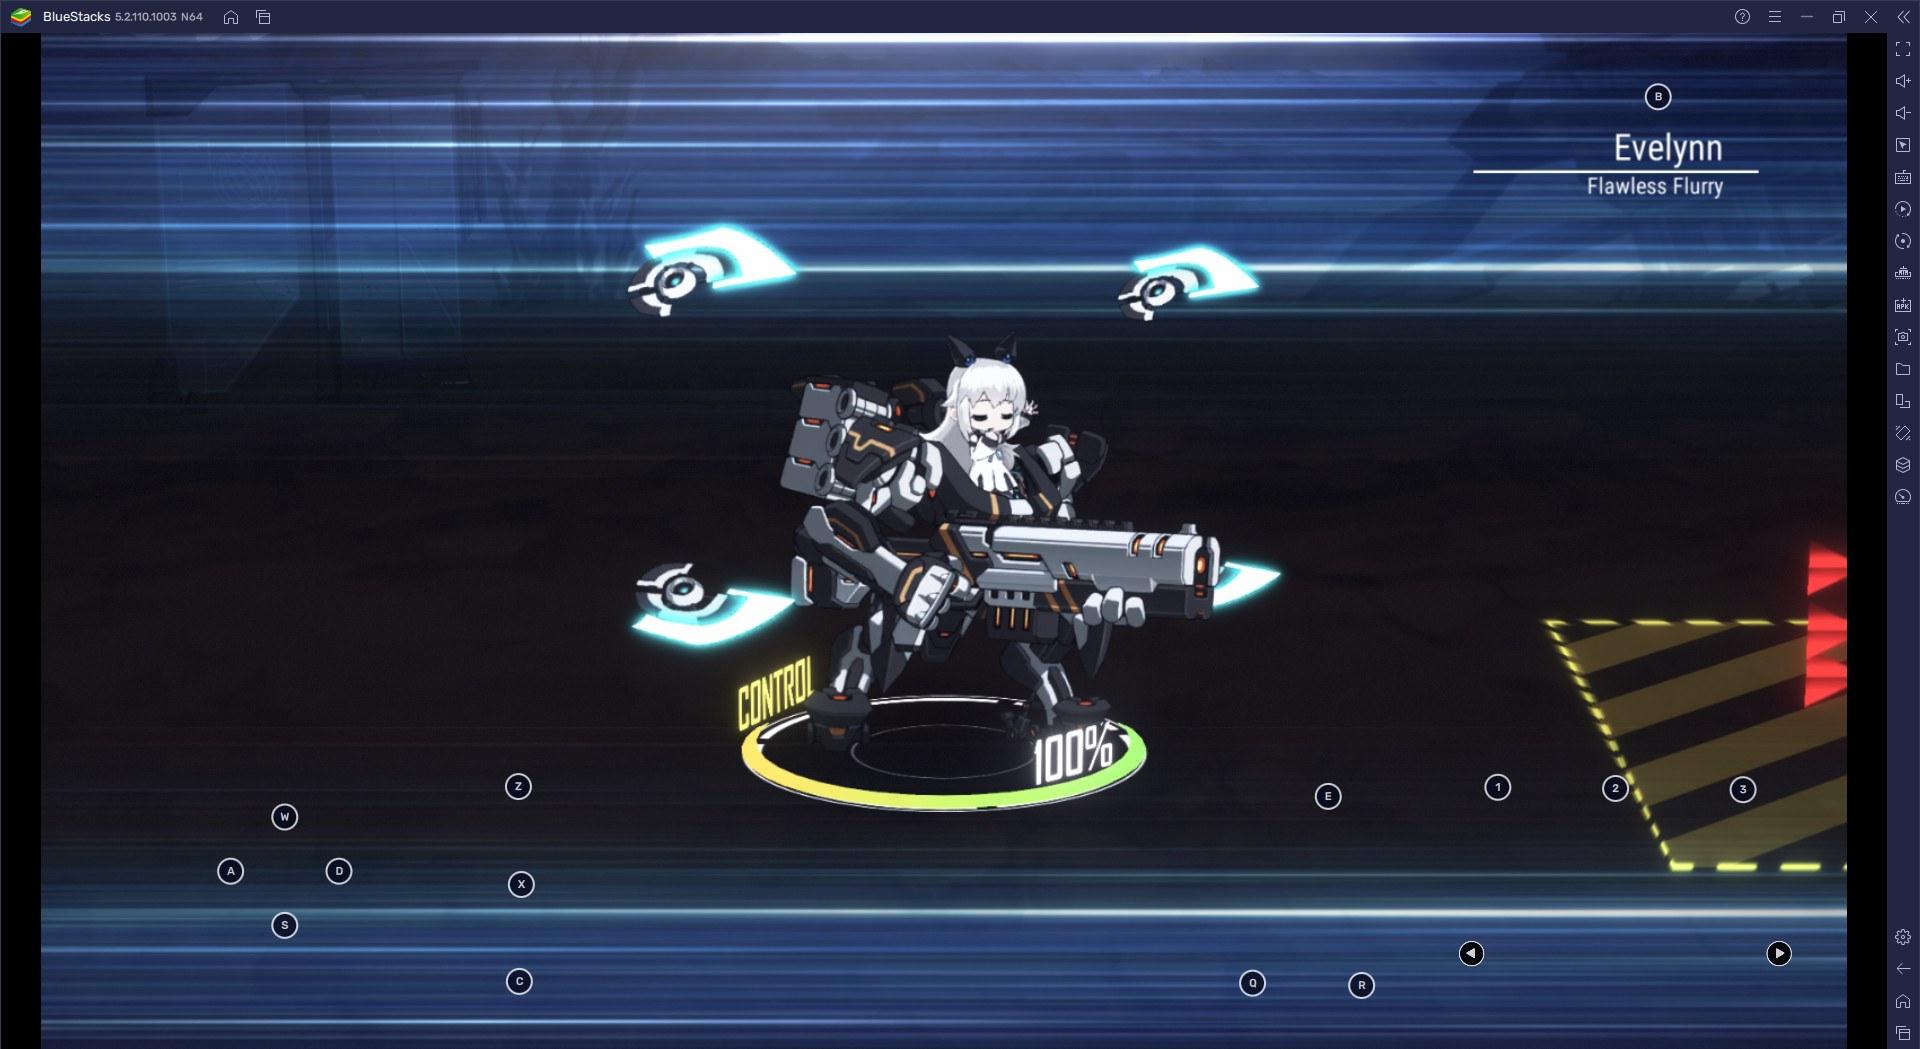 วิธีติดตั้ง Final Gear บน PC และ Mac ผ่าน BlueStacks